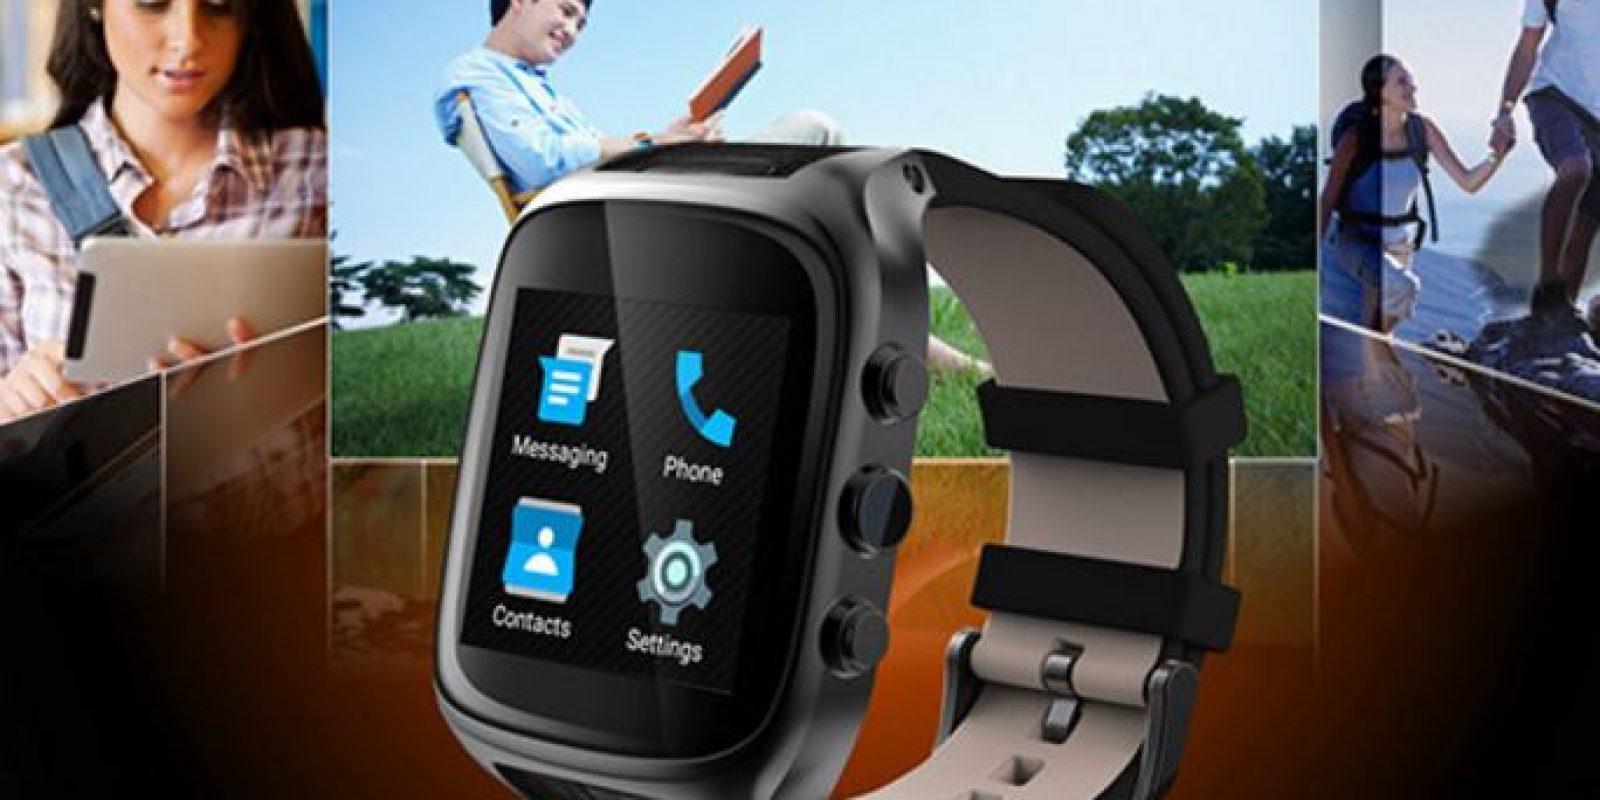 imacwear m8 smartwatch portada techaldia.com